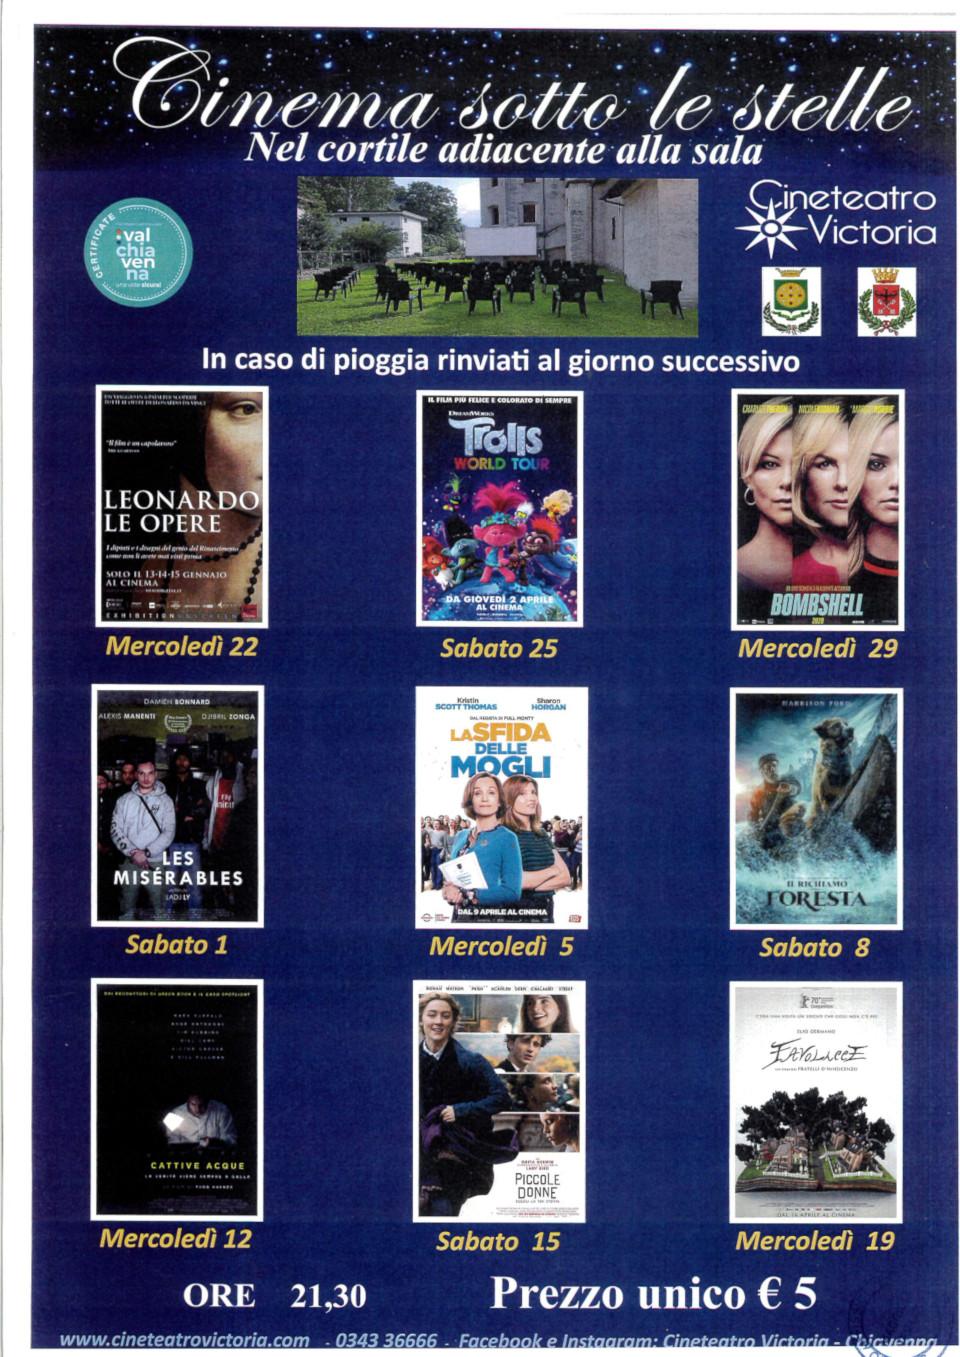 Cinema sotto le stelle3